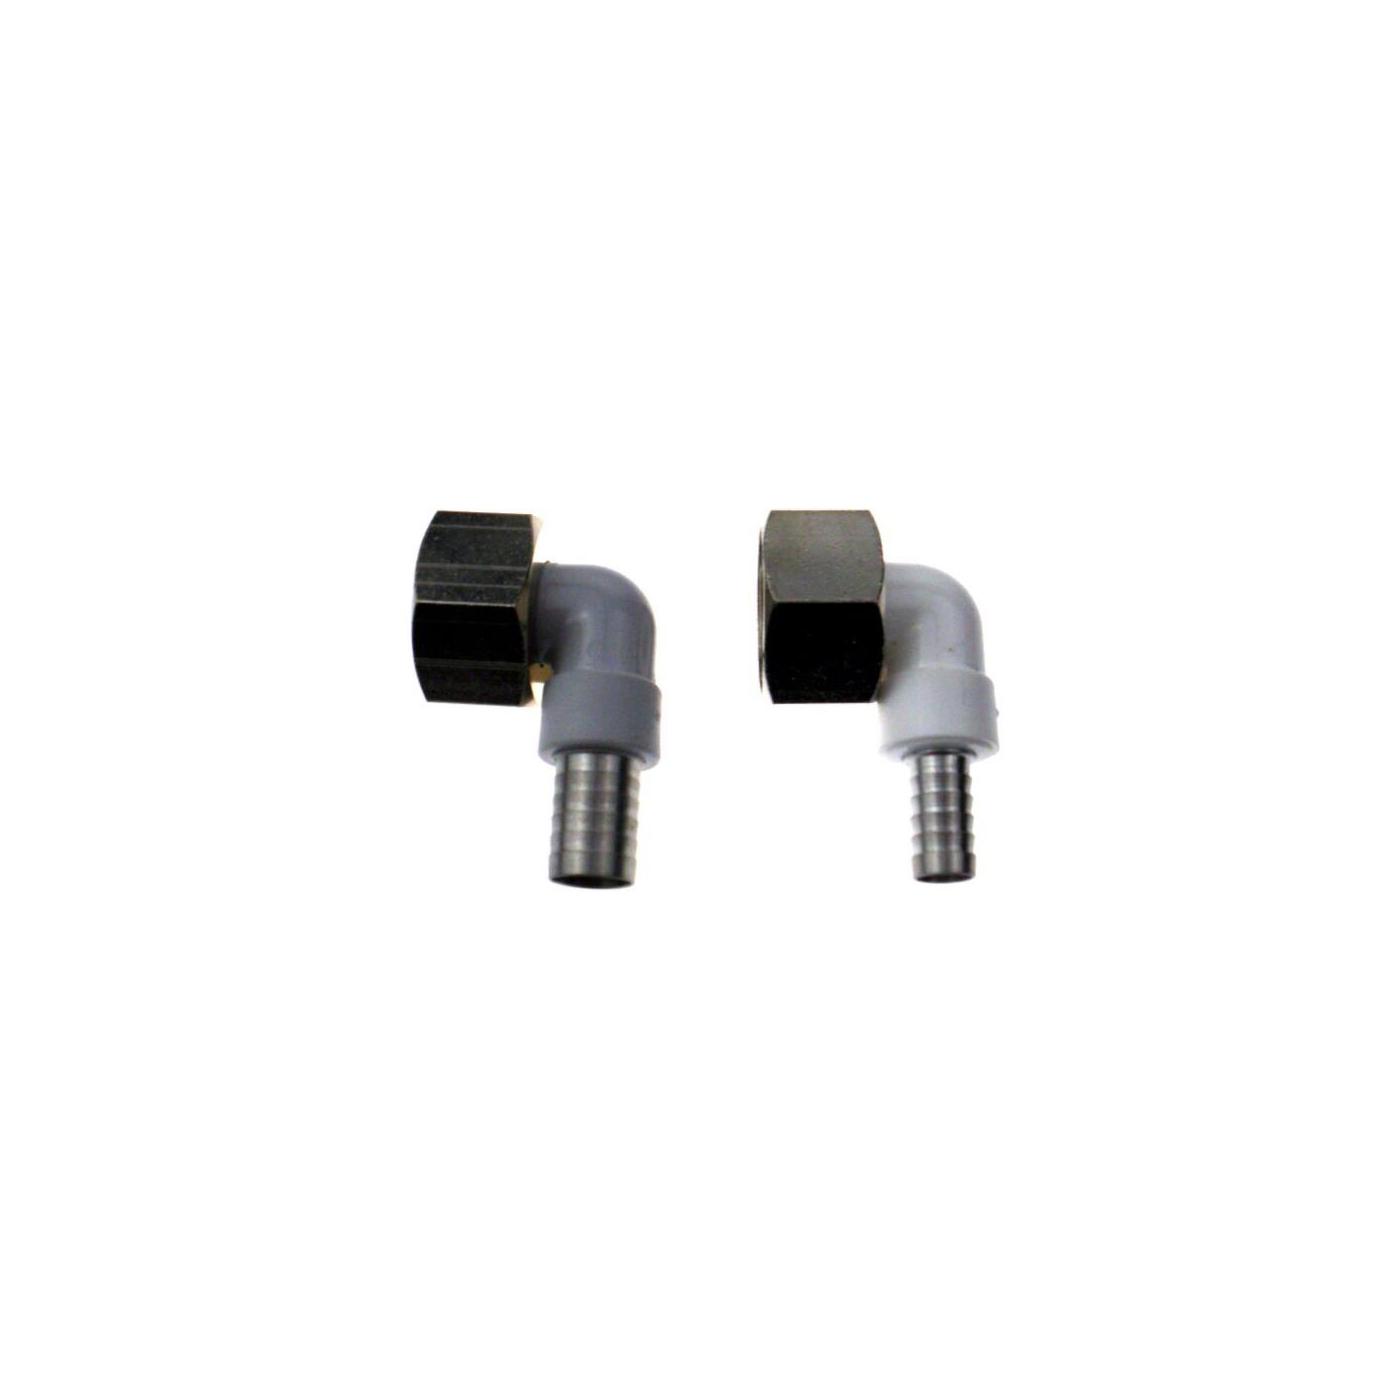 NW 7mm Winkelverschraubung CNS 90° für Bierschlauch 5//8 Zoll